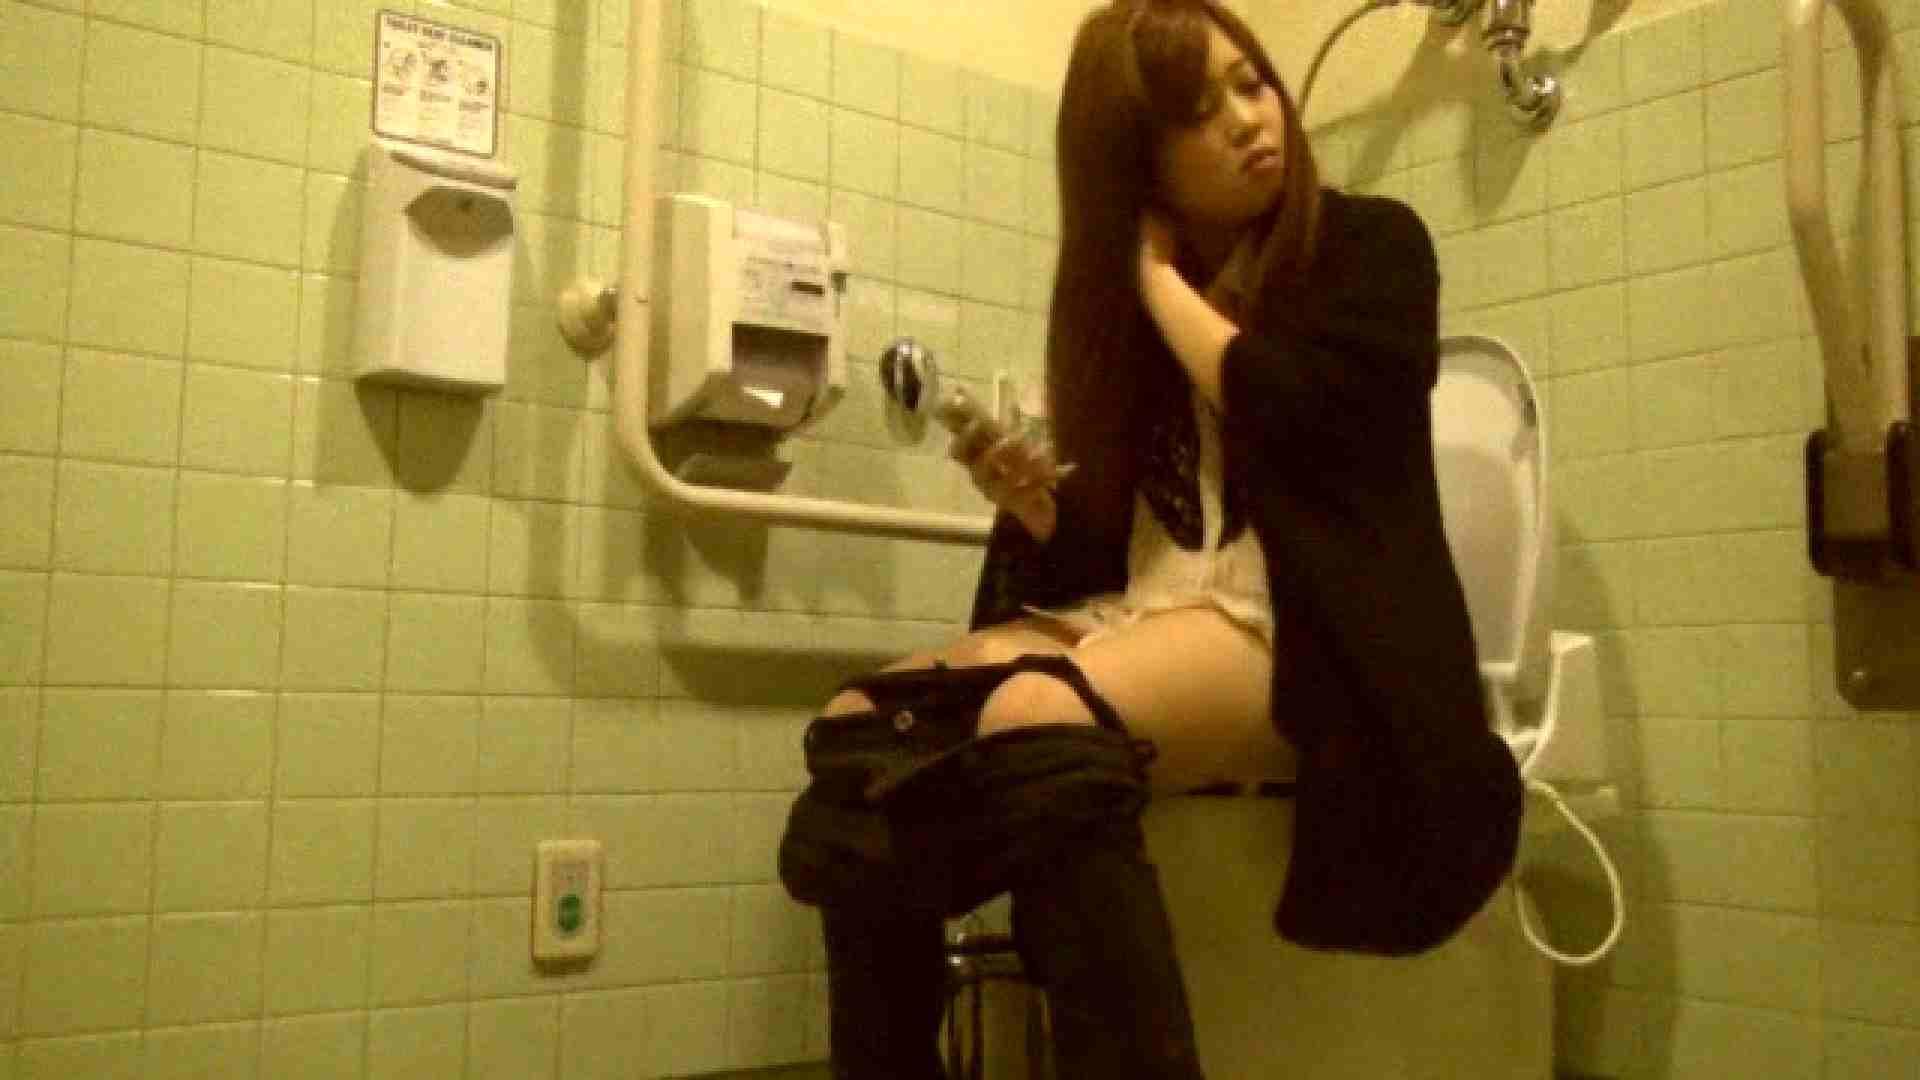 魔術師の お・も・て・な・し vol.26 19歳のバーの店員さんの洗面所をしばし… OLの実態  90pic 48